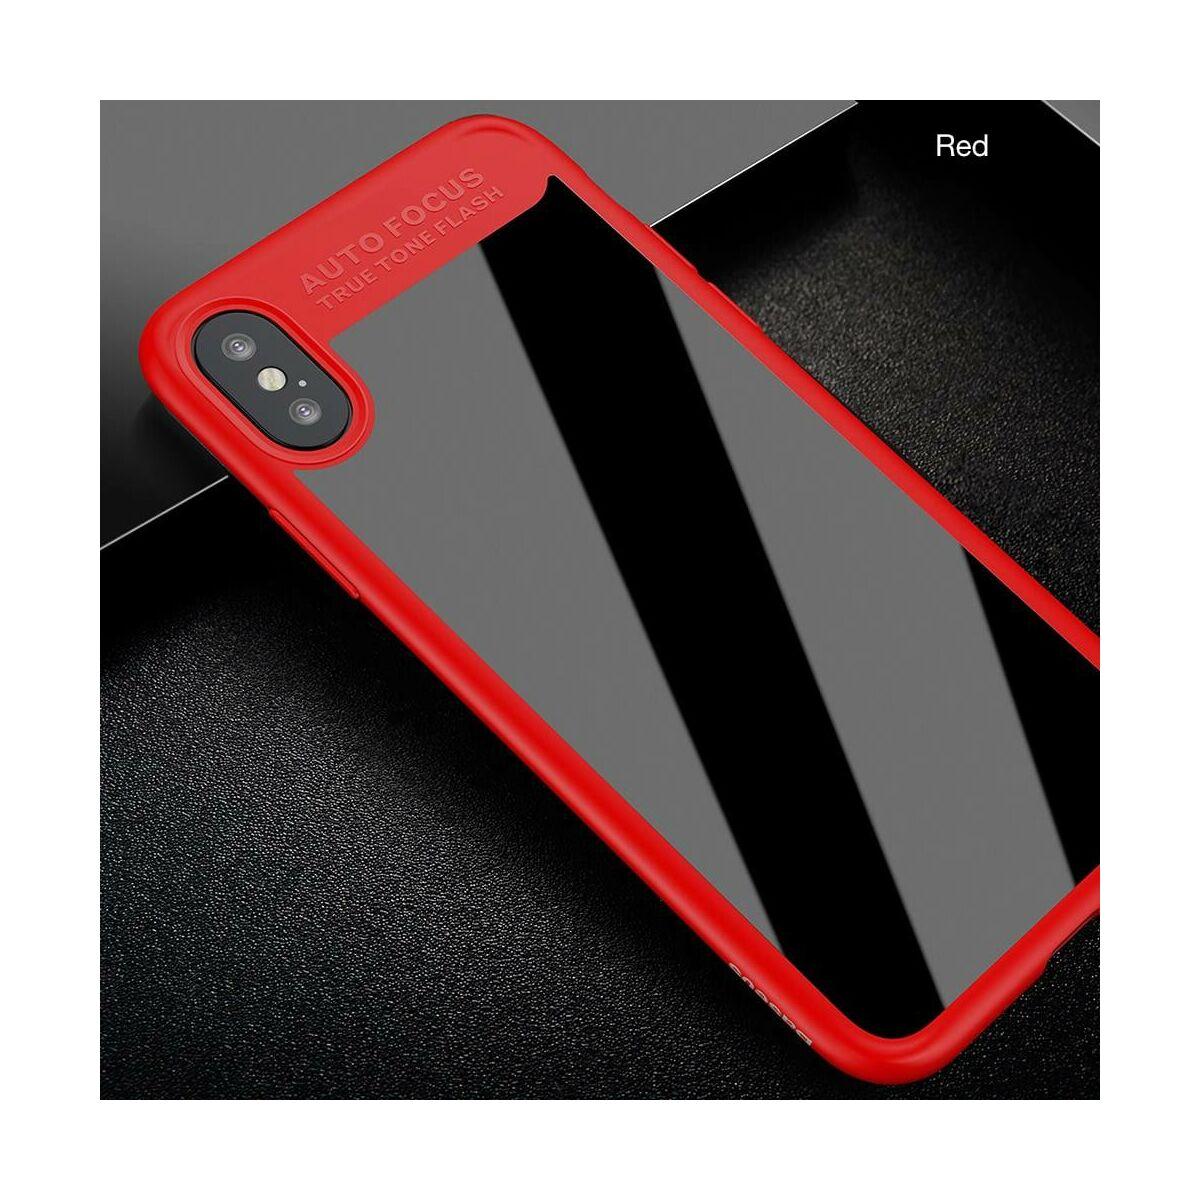 Baseus iPhone 8/7 tok, Sutok, Thin, piros (WIAPIPH7-SB09)